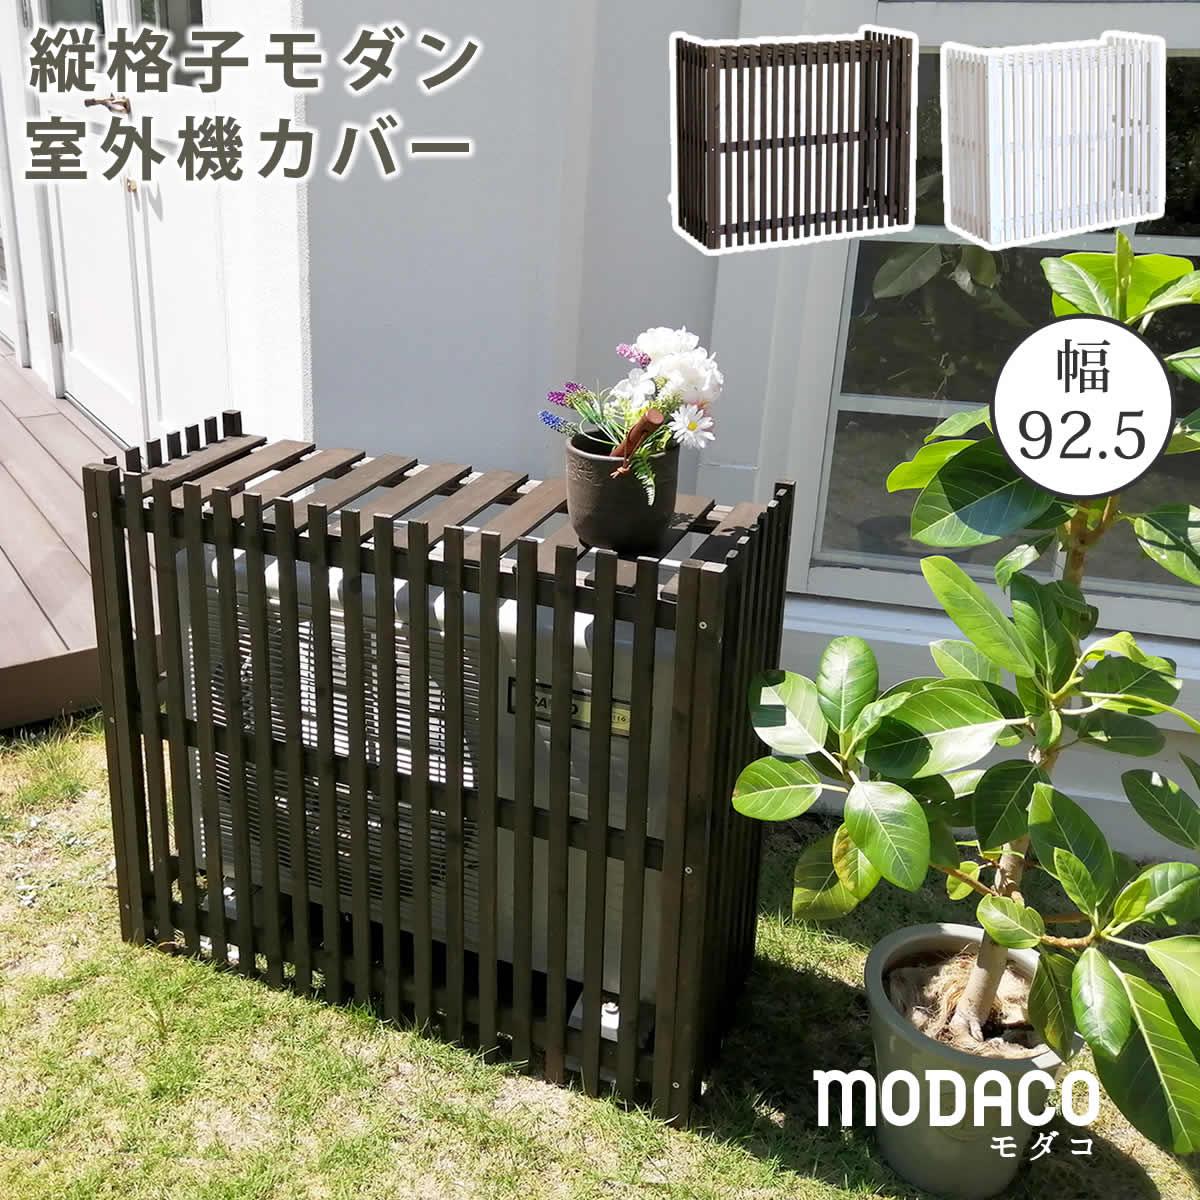 即納最大半額 あたたかな天然木と モダンなシルエットが表情を添える空間に 縦格子モダン室外機カバー 幅92.5 モダコ AC-M925 セール商品 MODACO